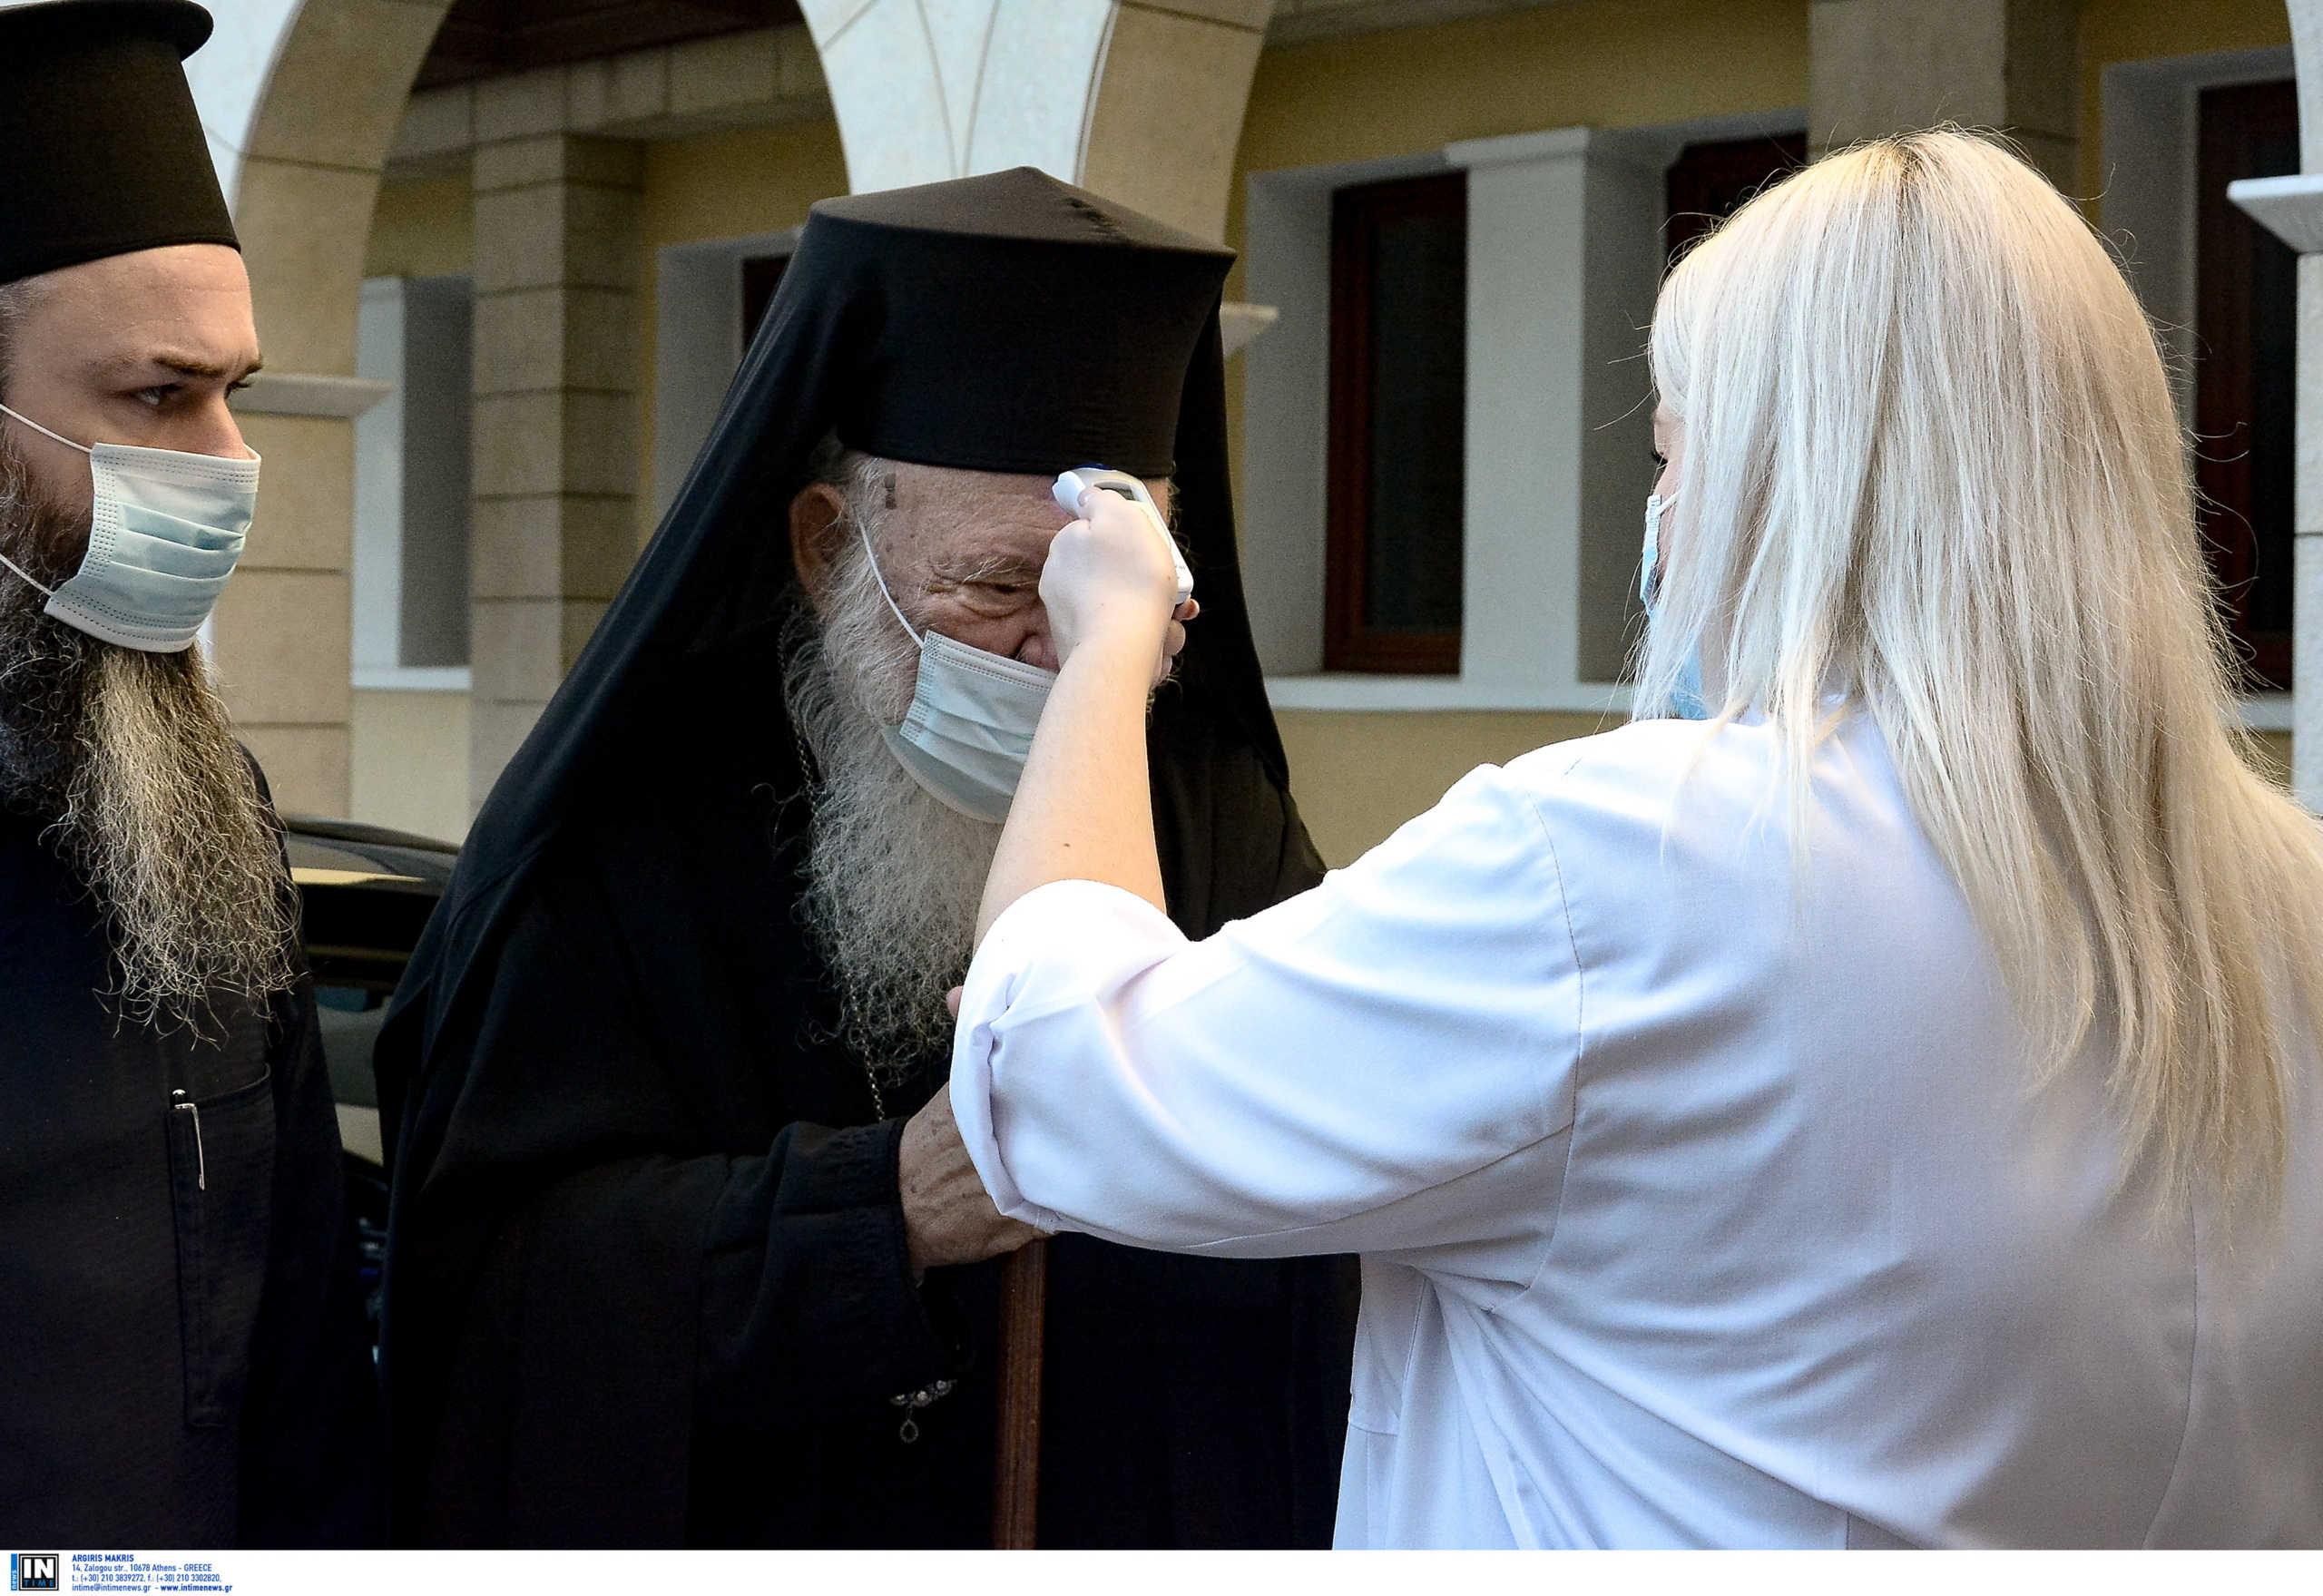 Πότε κόλλησε κορονοϊό ο Αρχιεπίσκοπος Ιερώνυμος